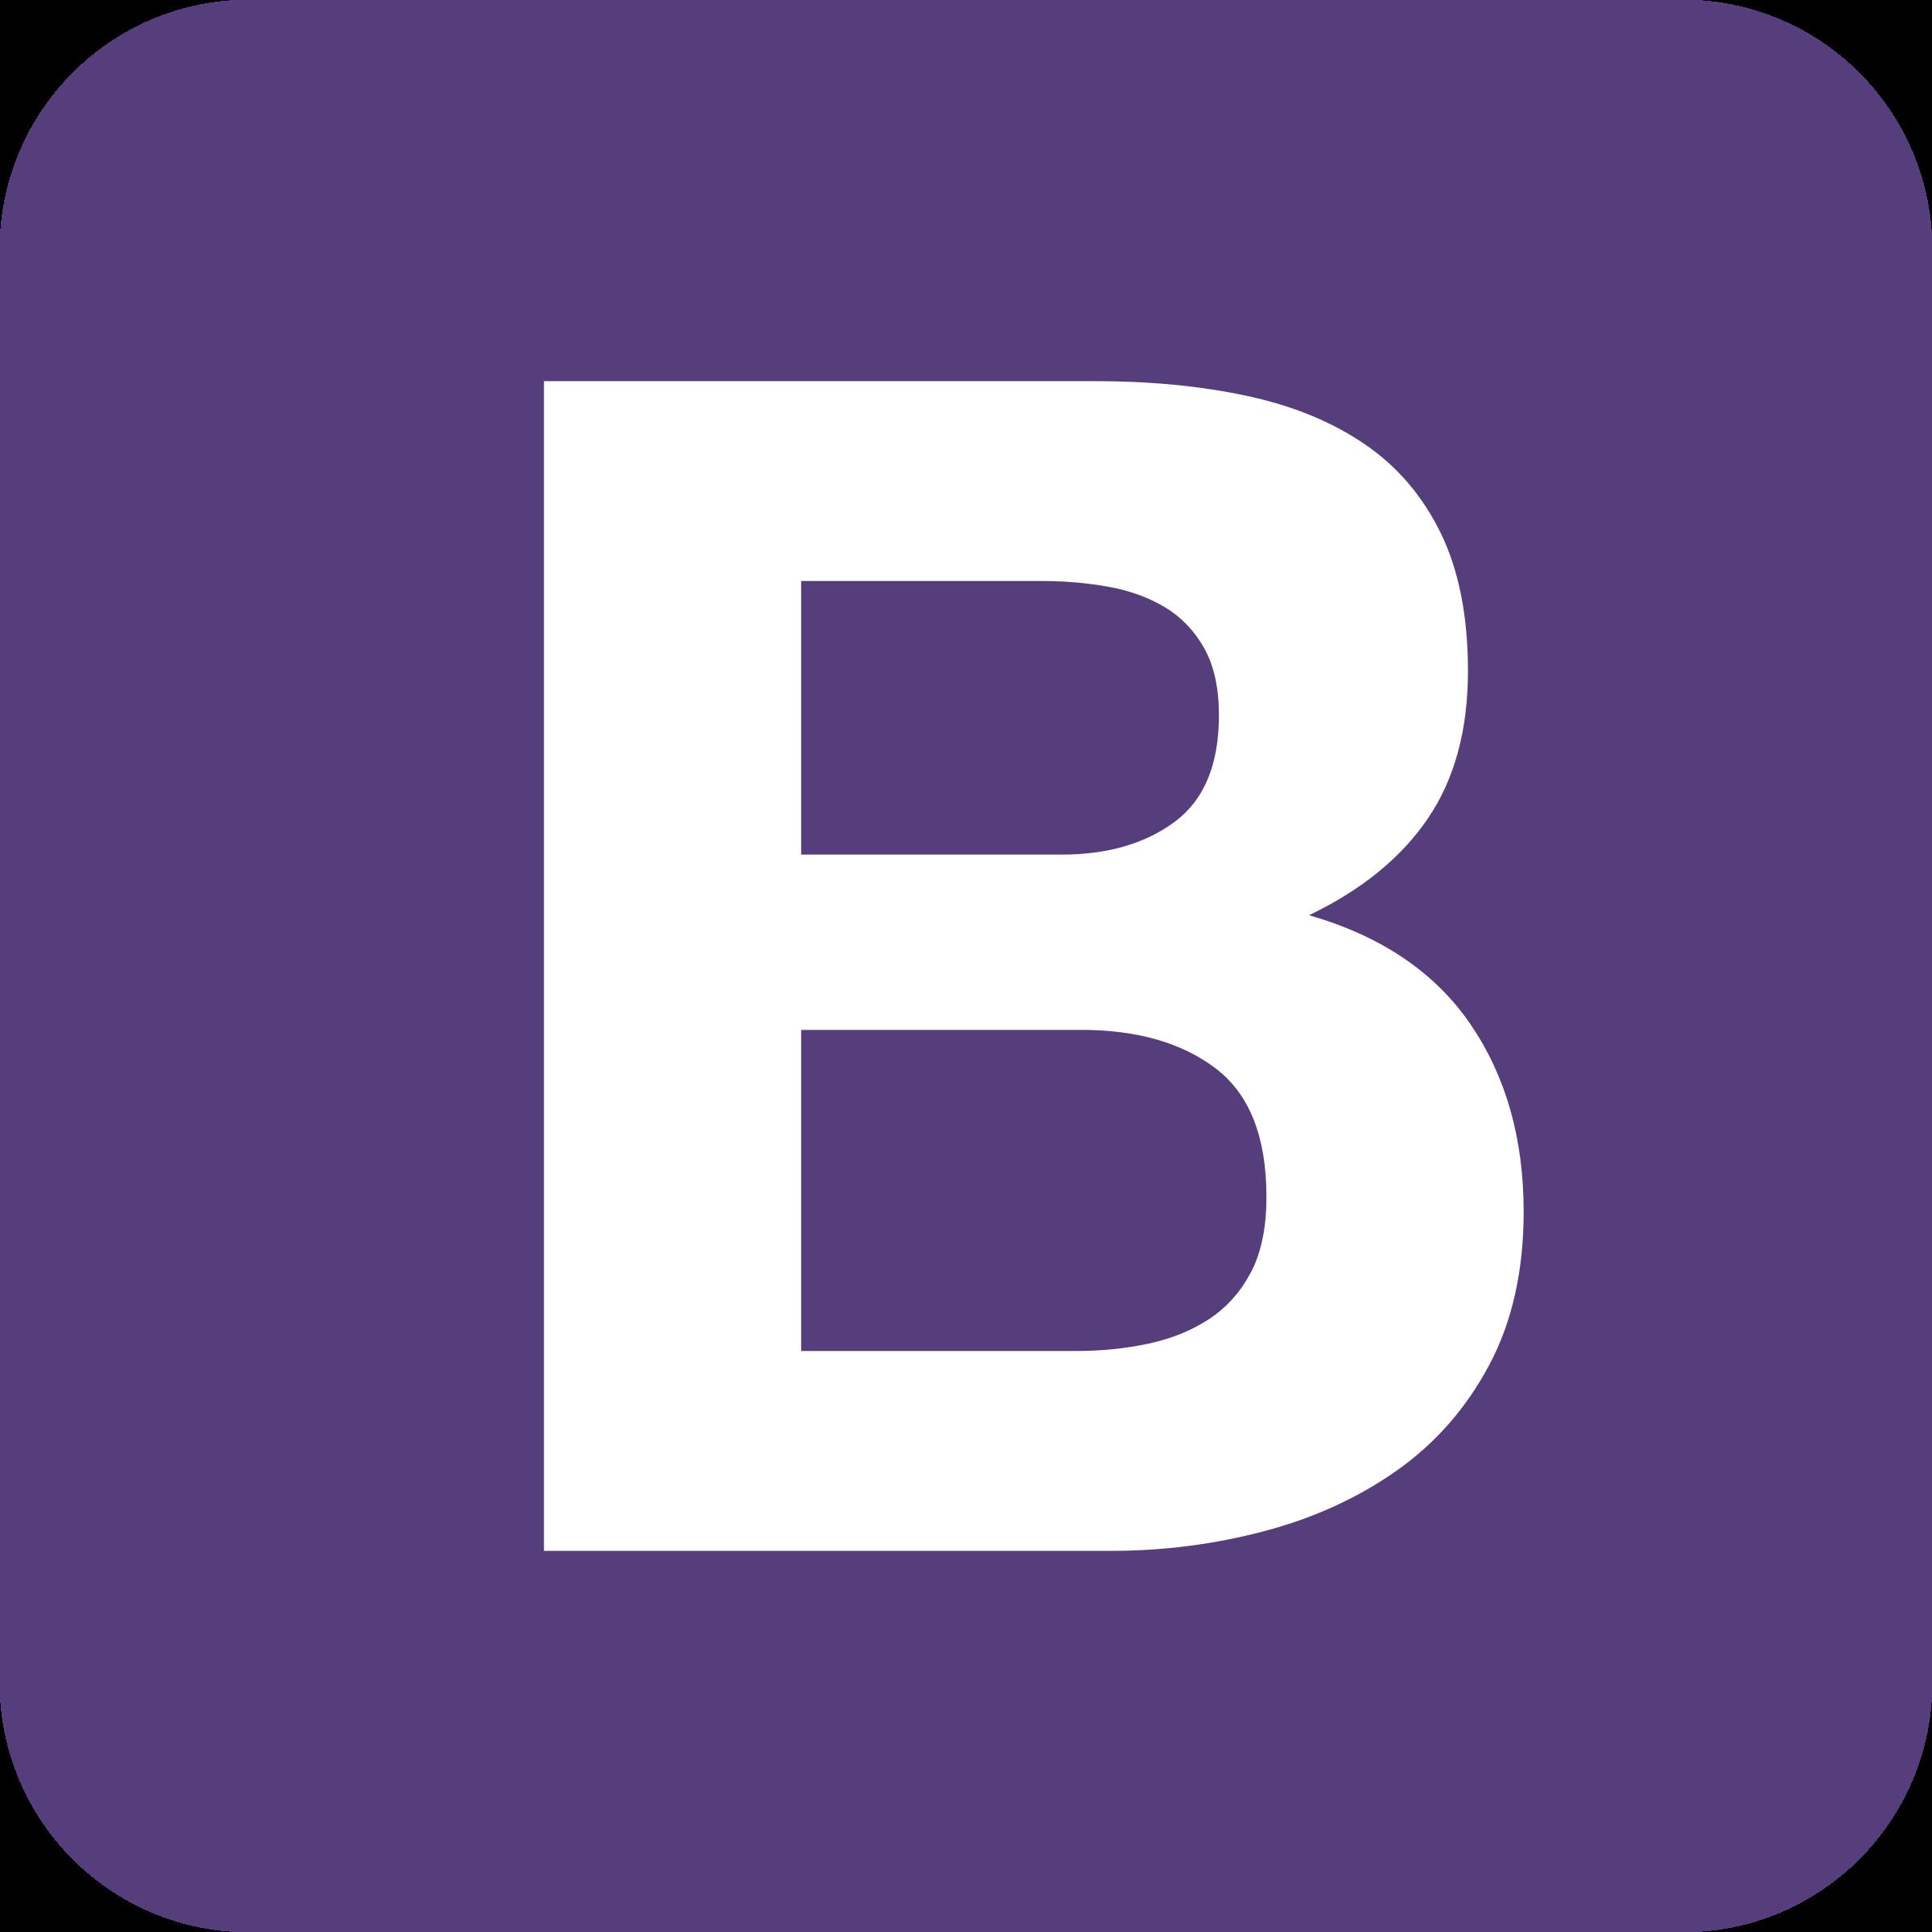 Bootstrap Logo PNG Transparent & SVG Vector.